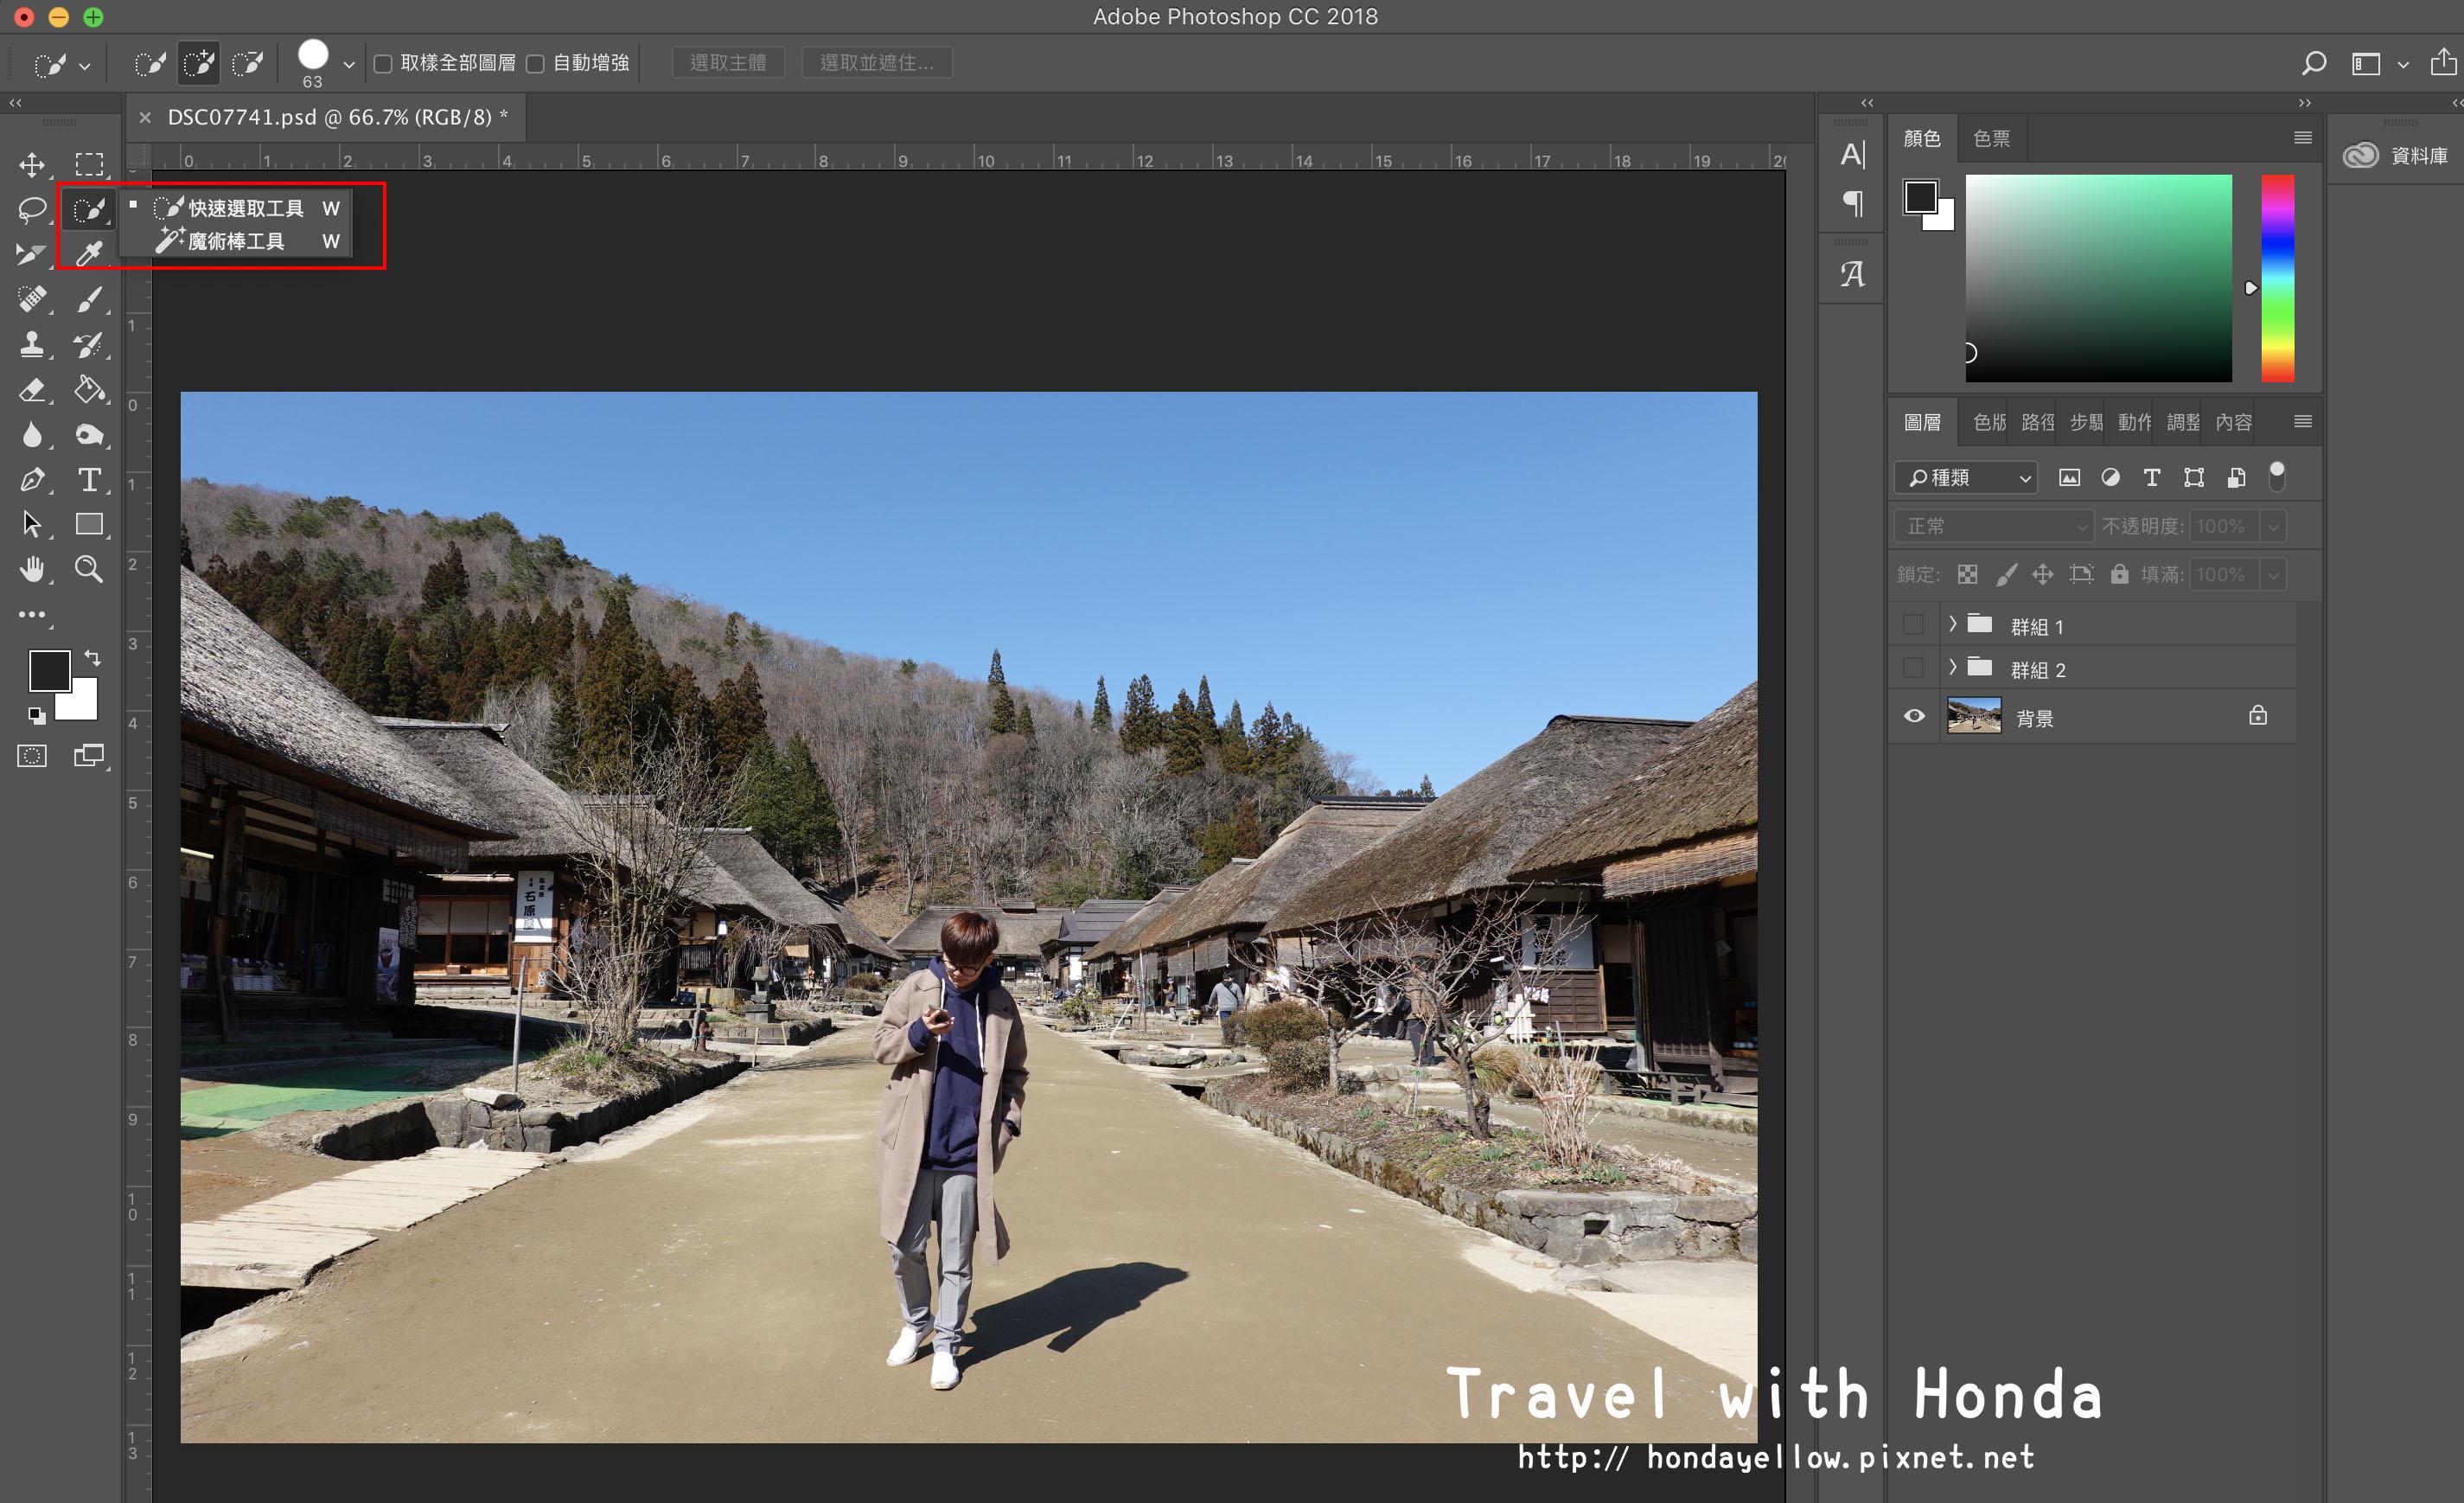 用Photoshop製作Facebook的3D照片教學